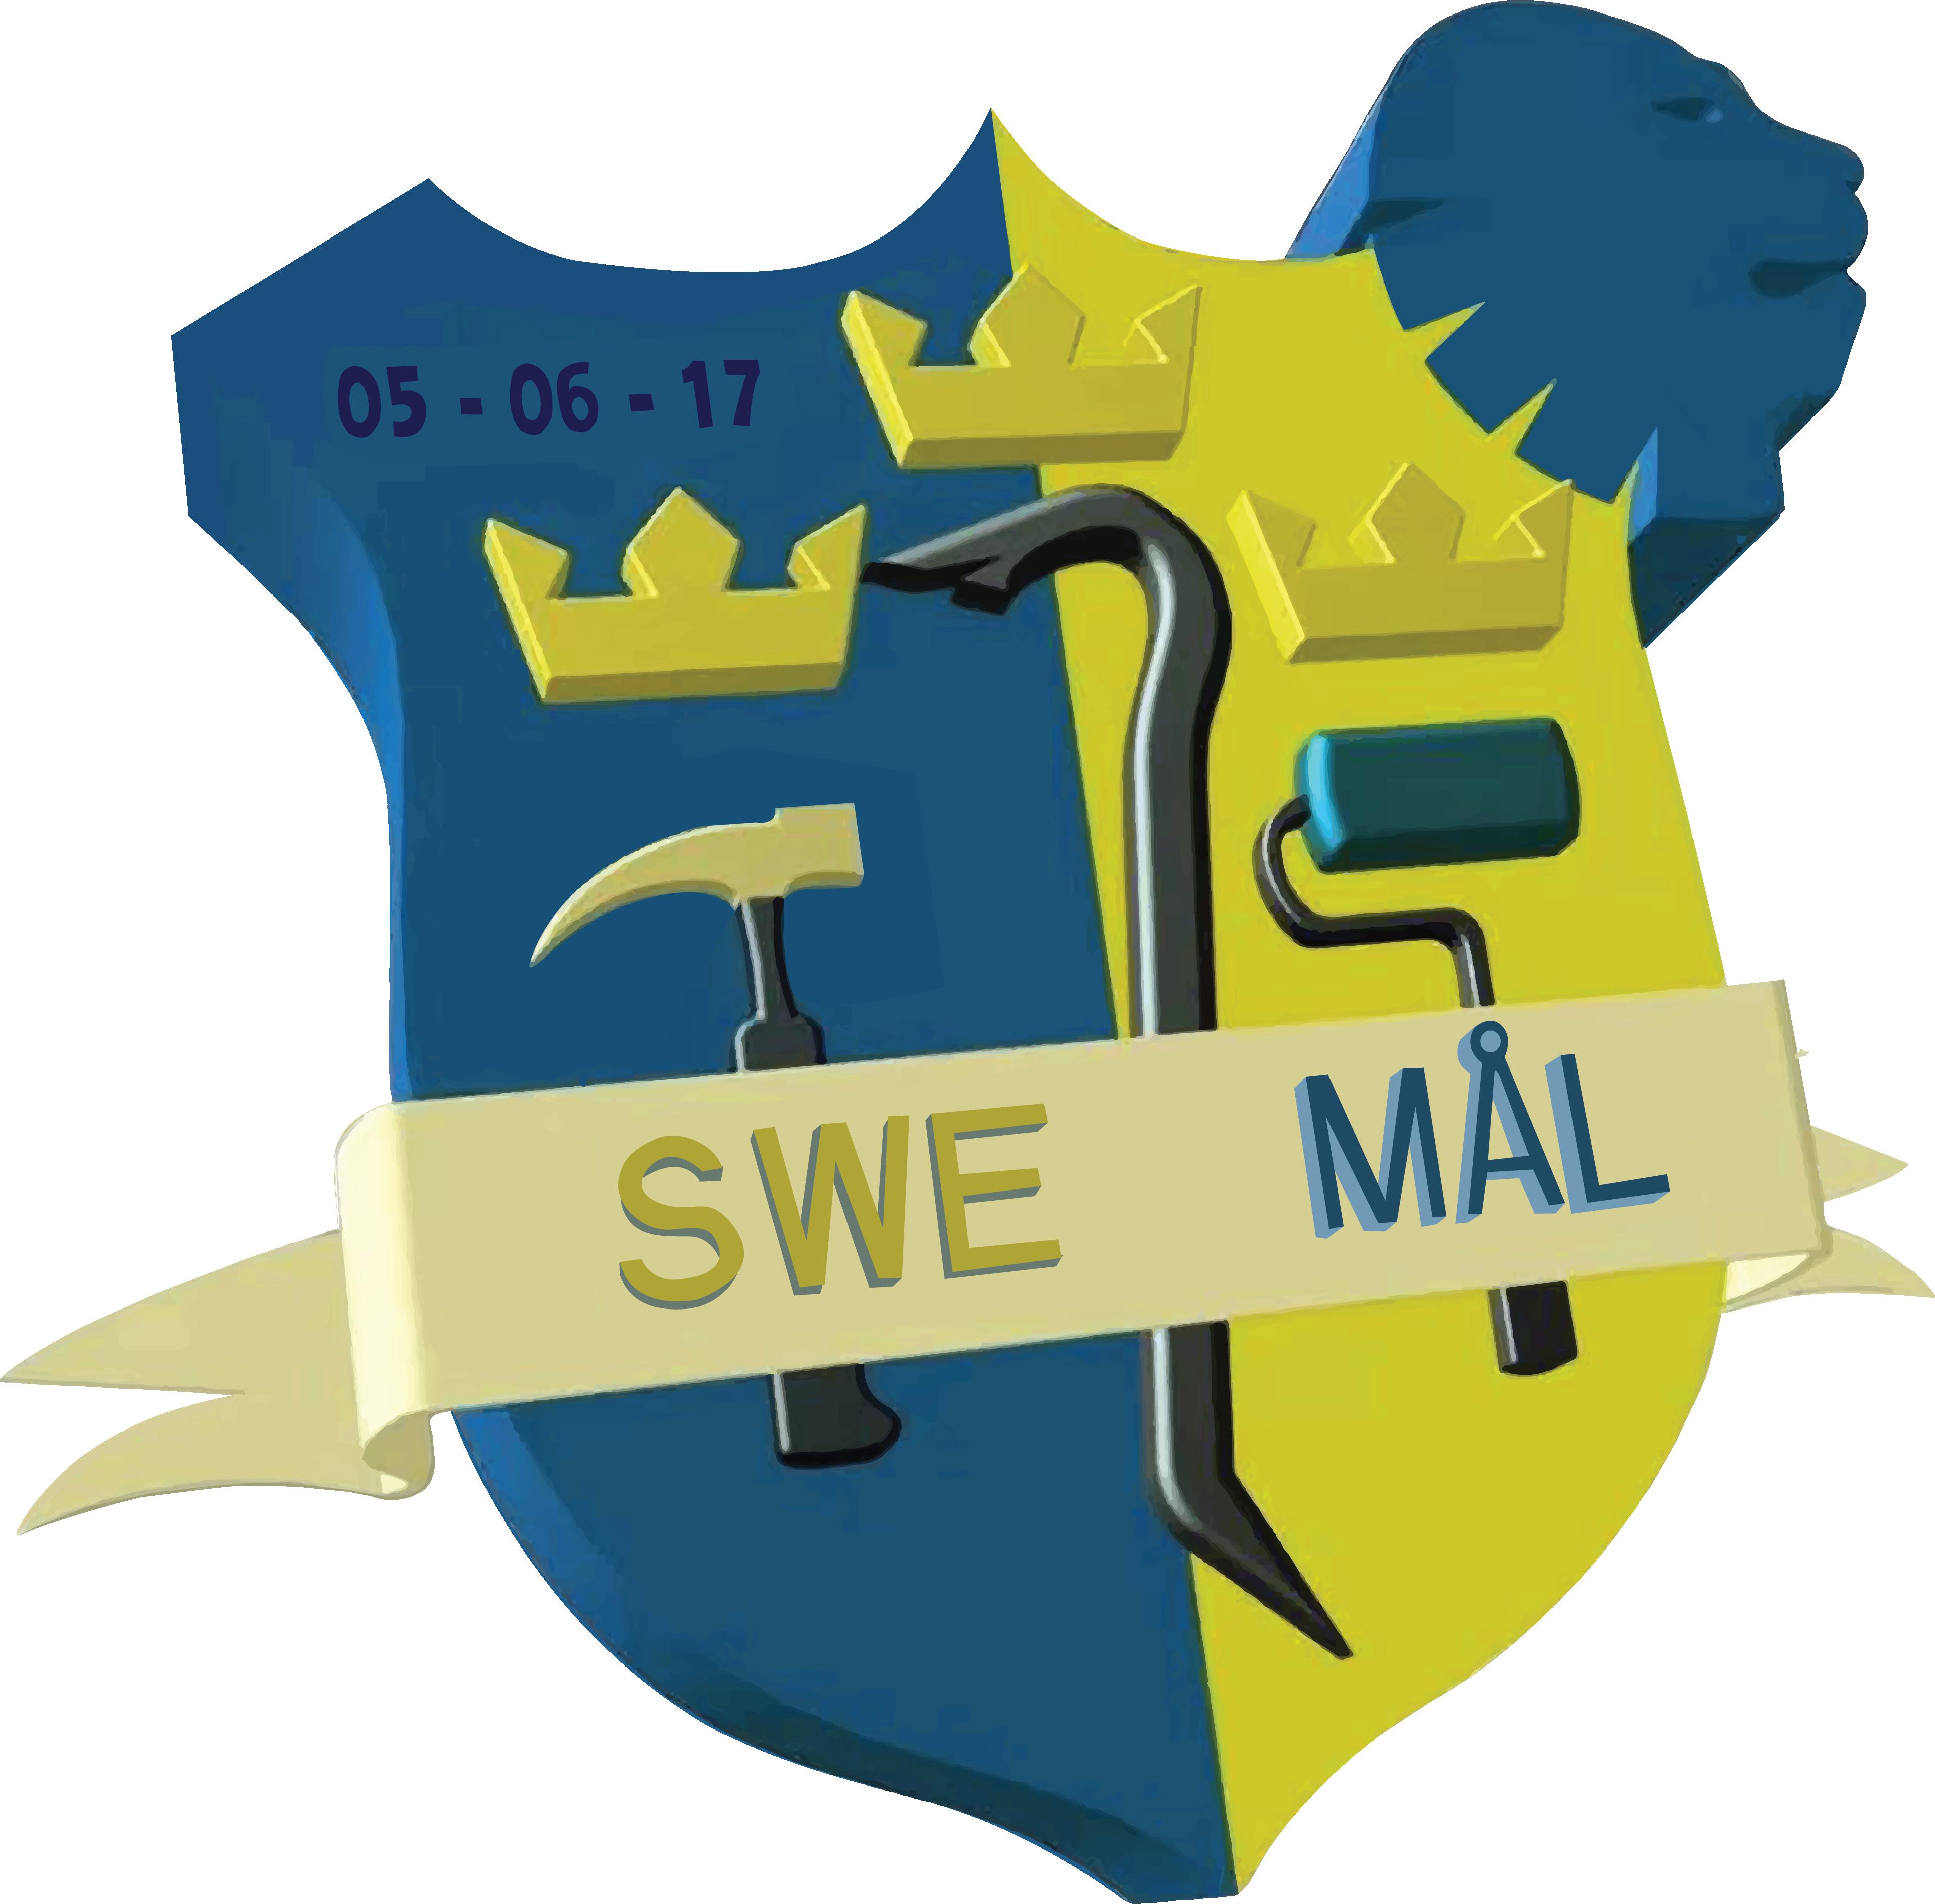 Swemål bygg & måleri ab   bygg & måleriföretag stockholm uppsala